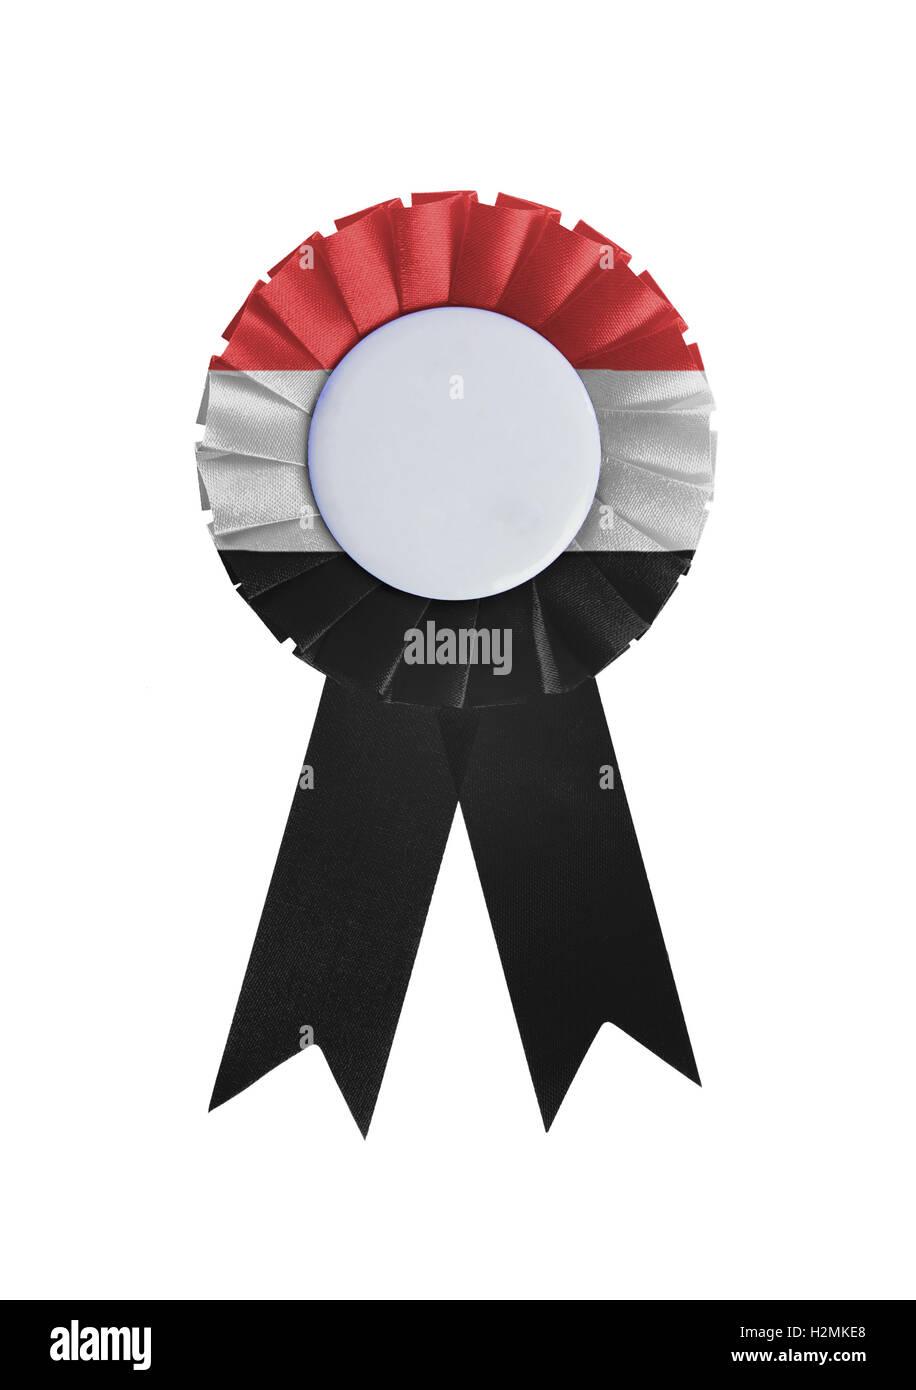 Award ribbon isolated on a white background - Stock Image